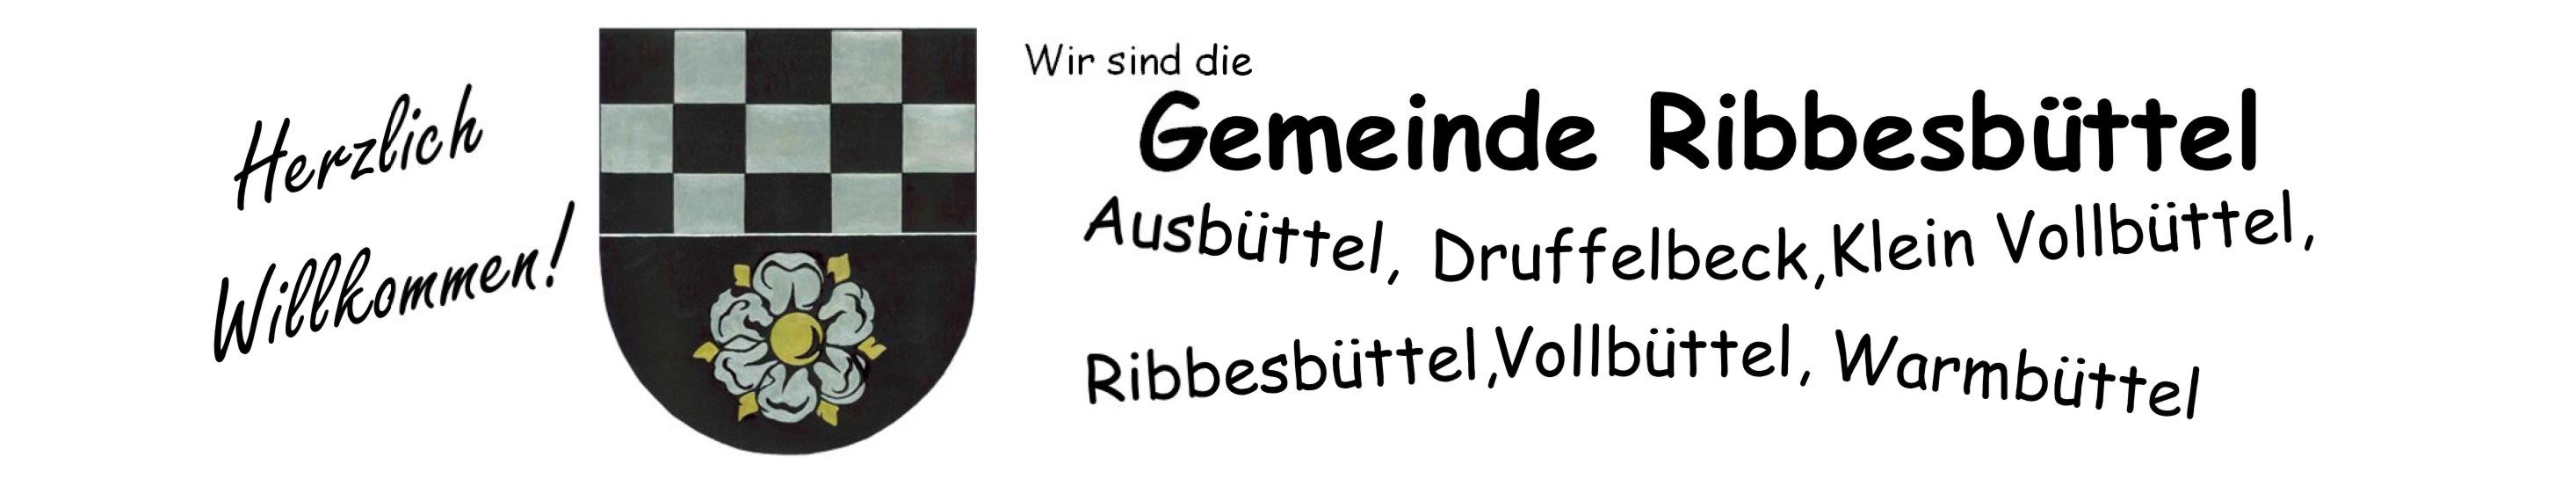 Gemeinde Ribbesbüttel